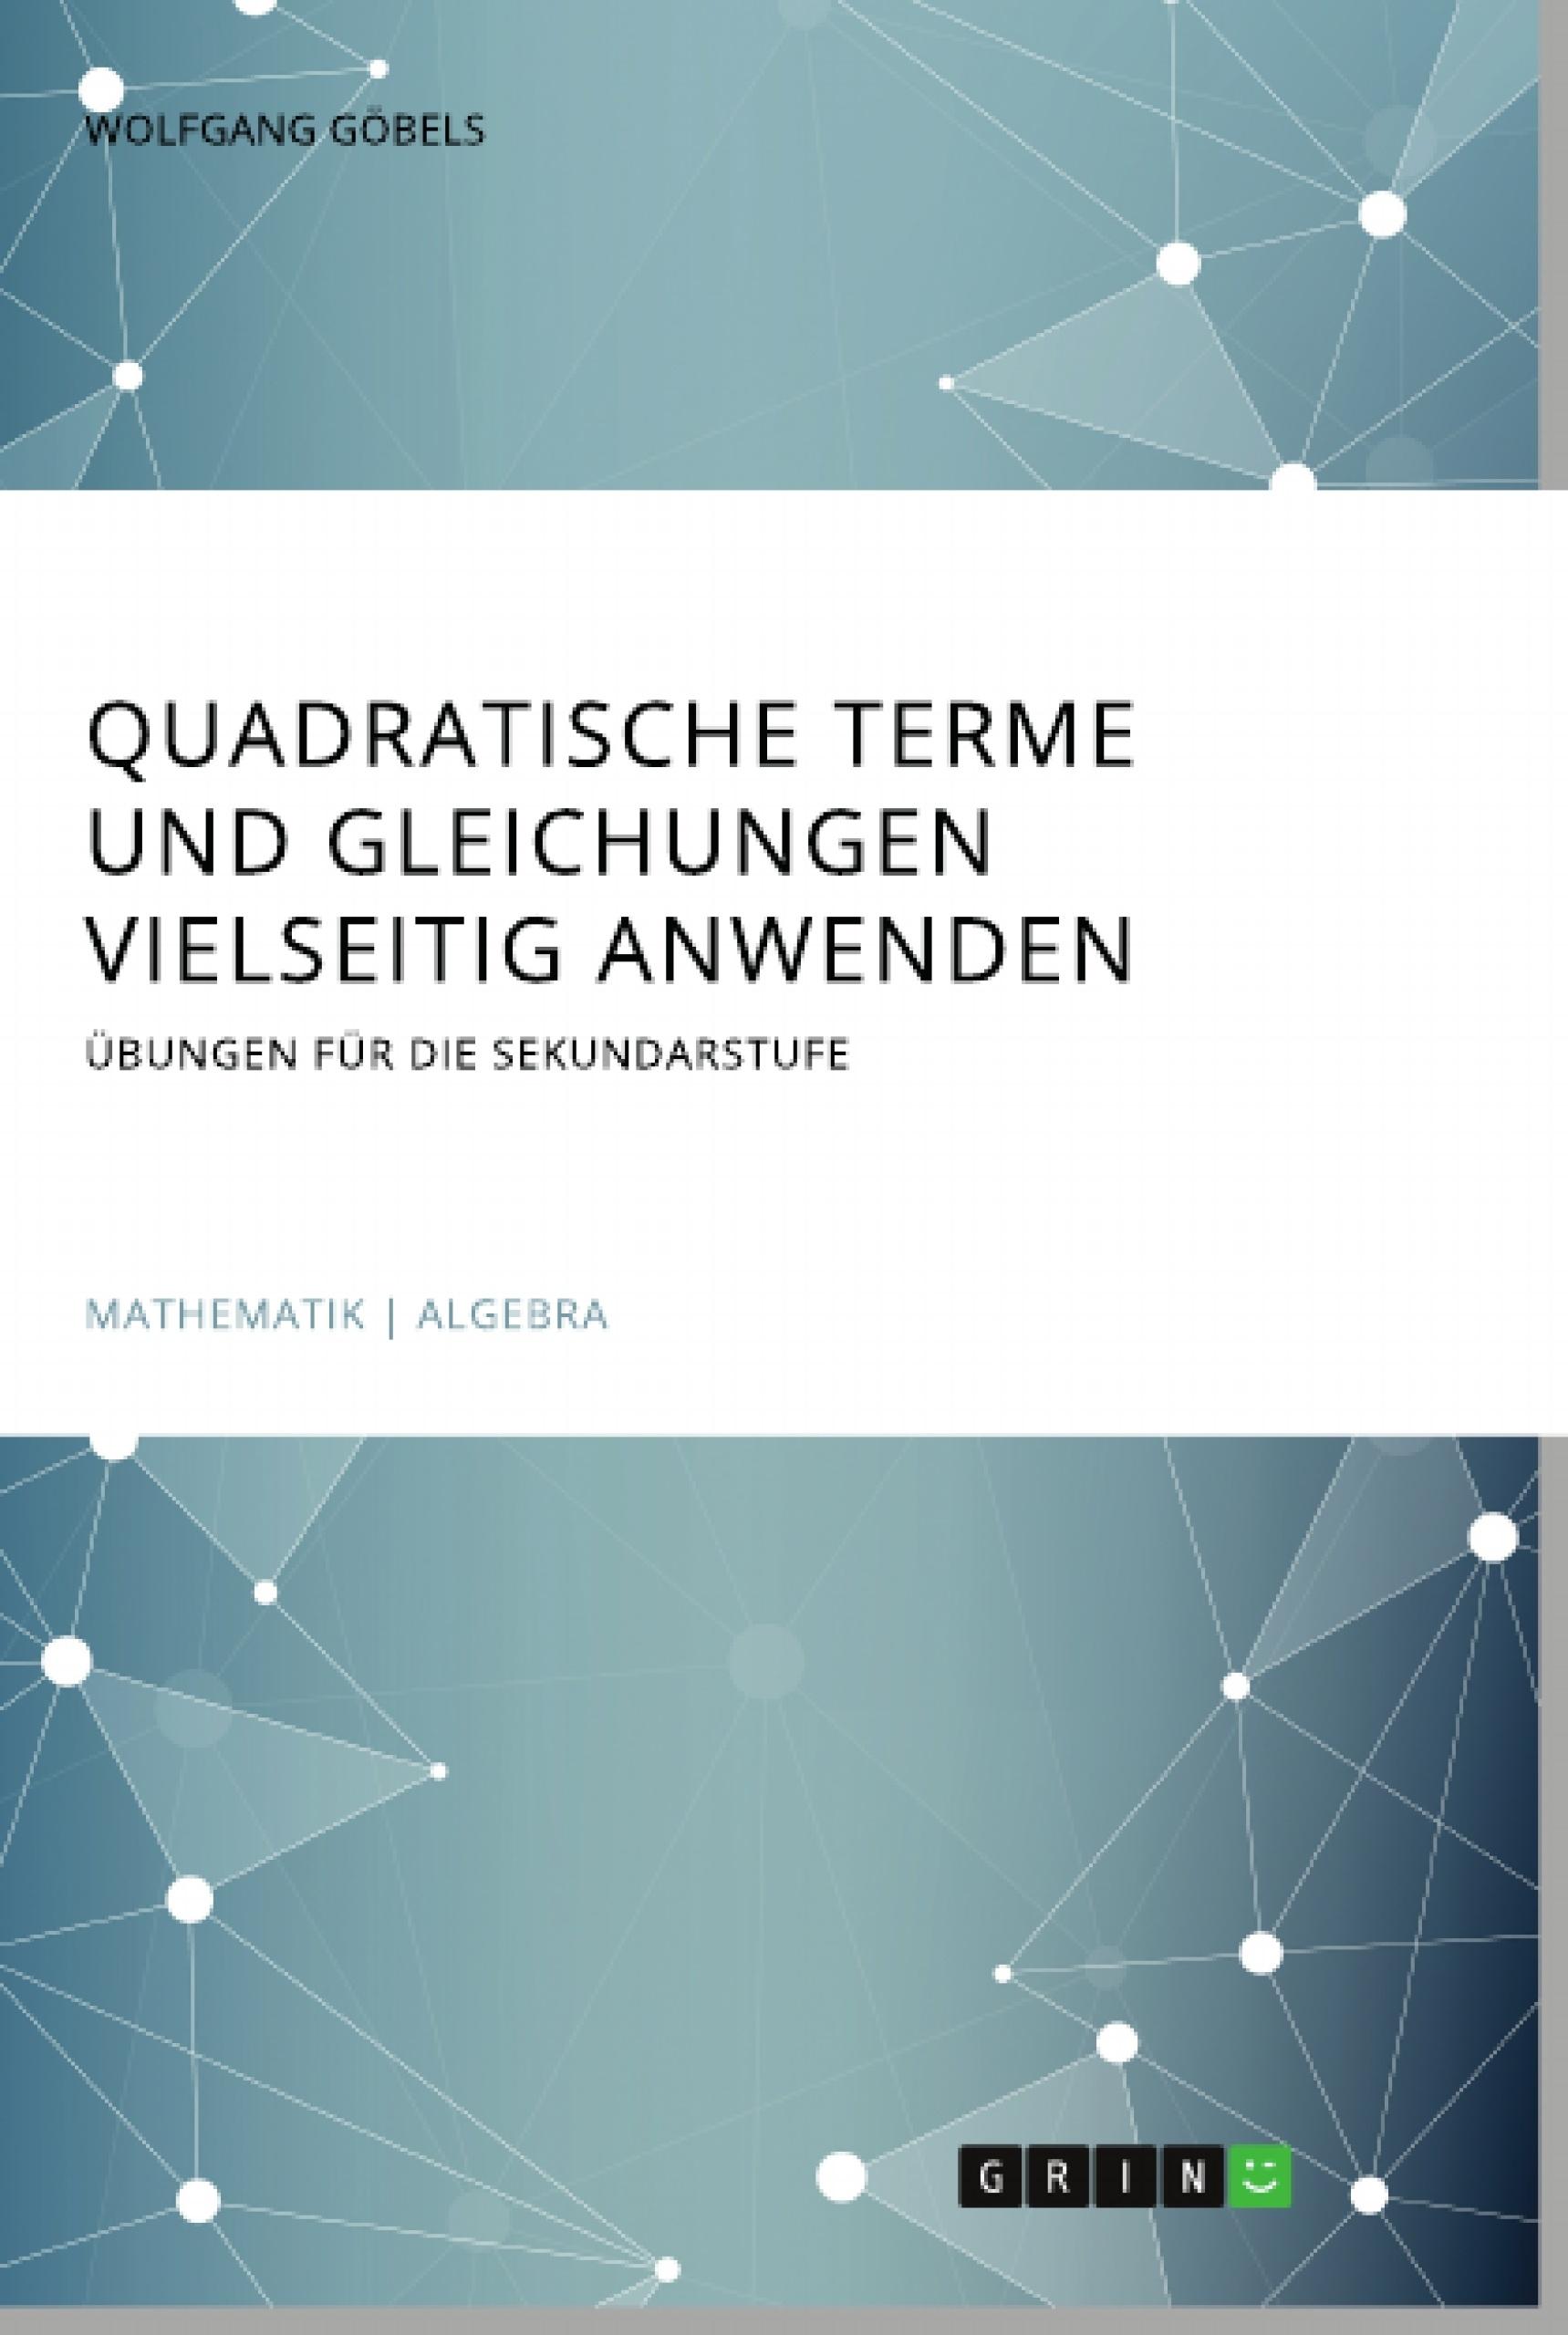 Titel: Quadratische Terme und Gleichungen vielseitig anwenden. Übungen für die Sekundarstufe